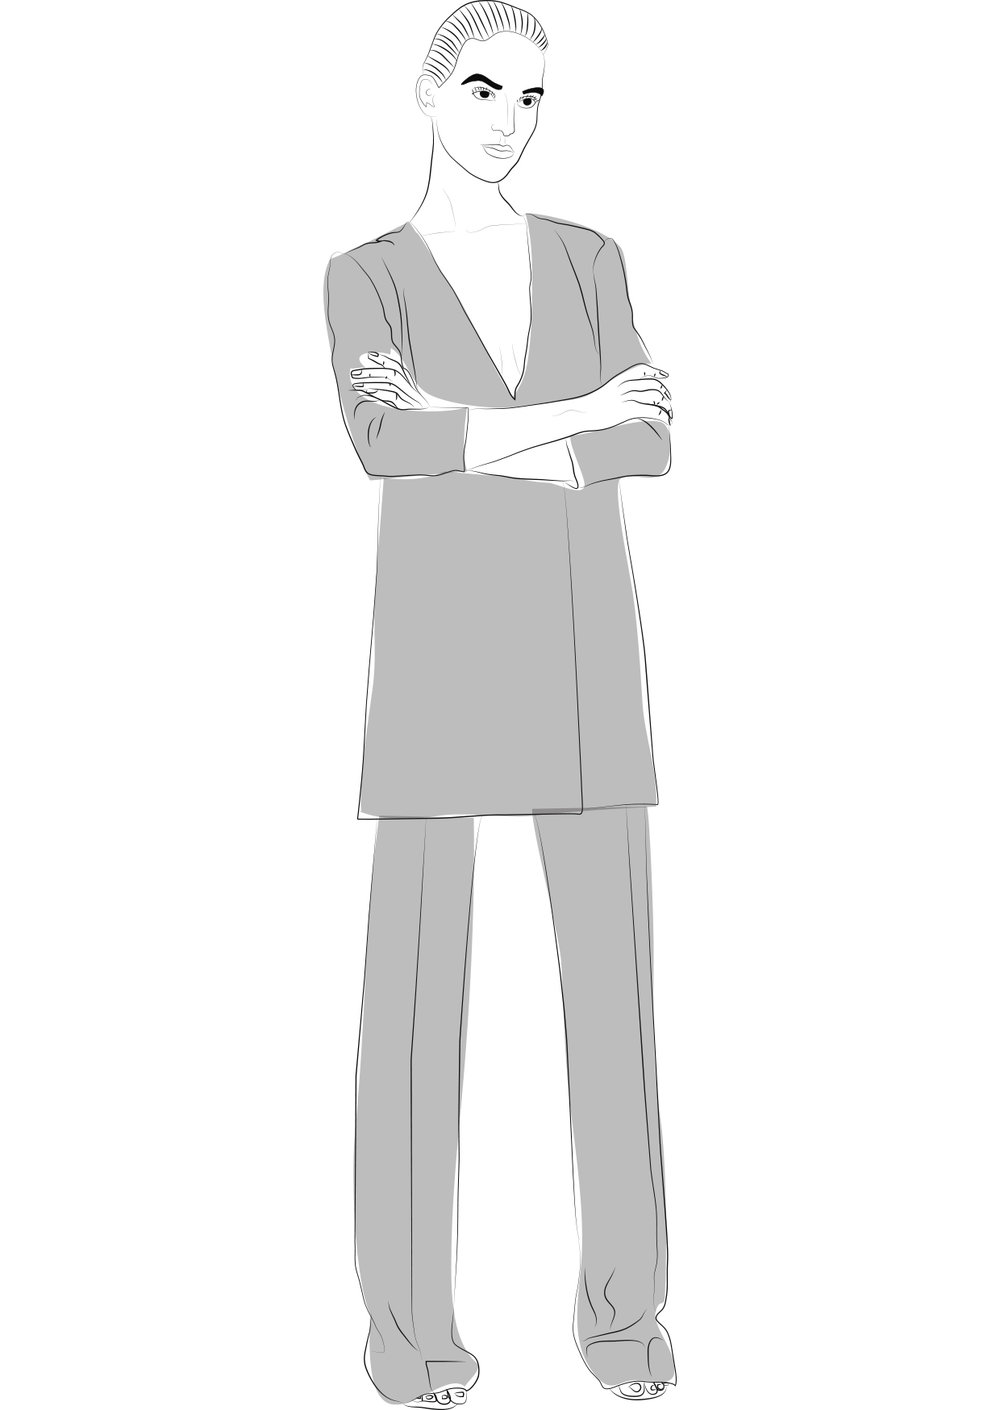 illustrations for website_8.jpg